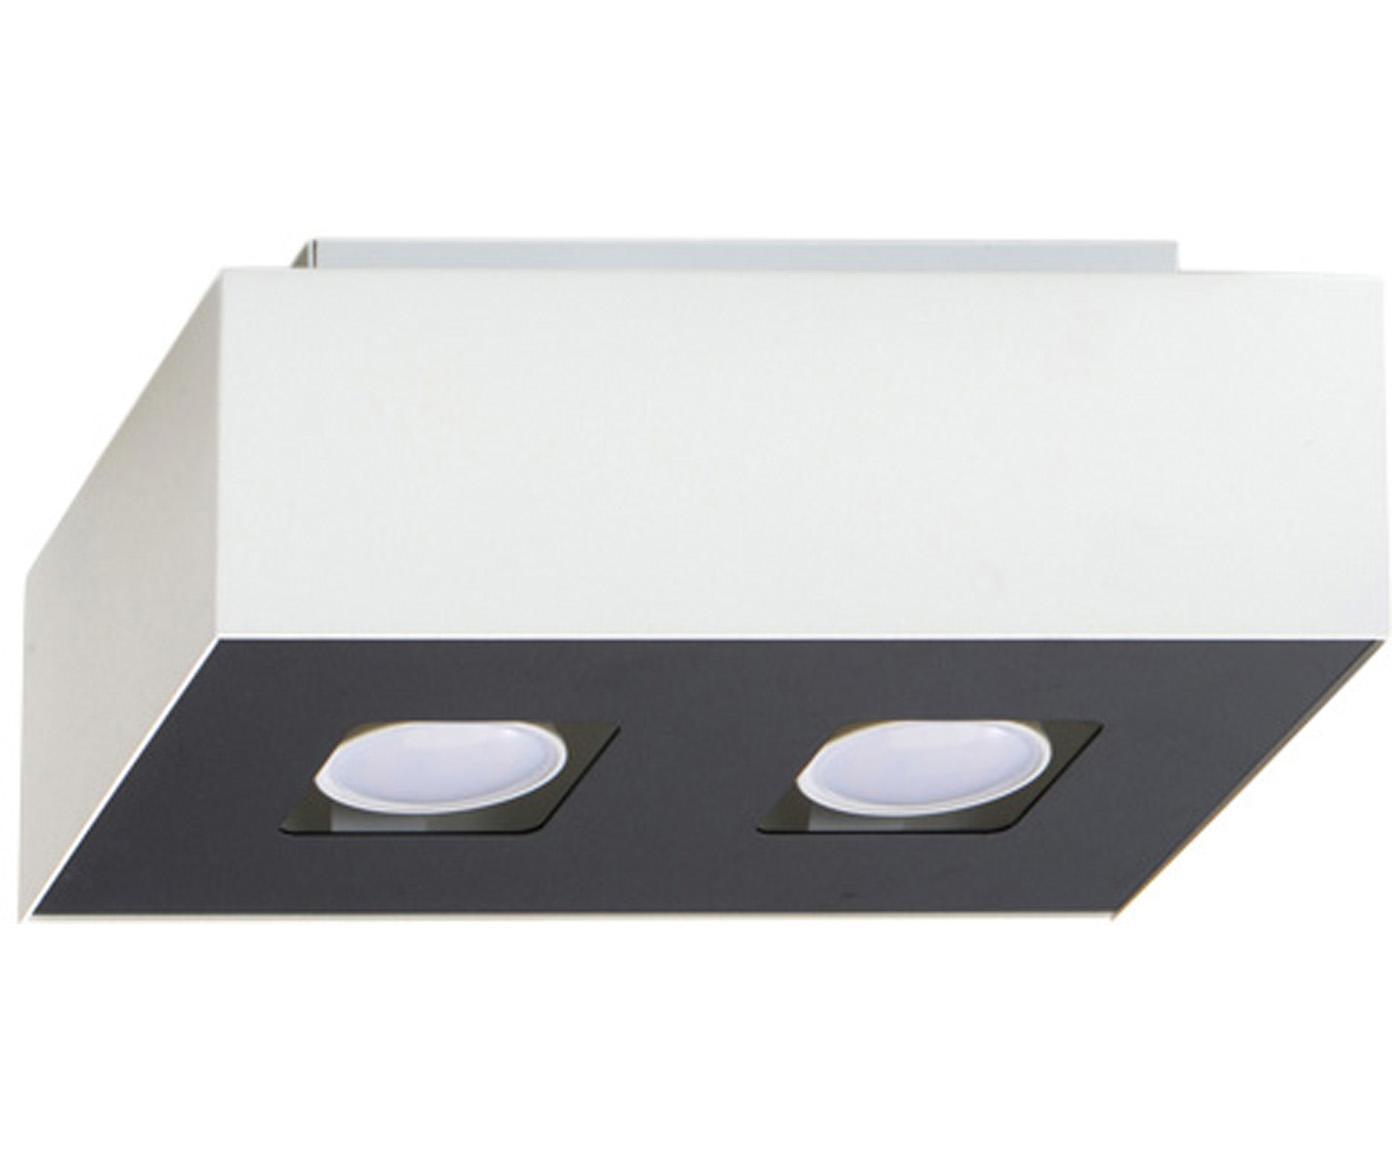 Kleiner Deckenstrahler Hydra, Lampenschirm: Stahl, beschichtet, Baldachin: Stahl, beschichtet, Weiss, Schwarz, 24 x 11 cm